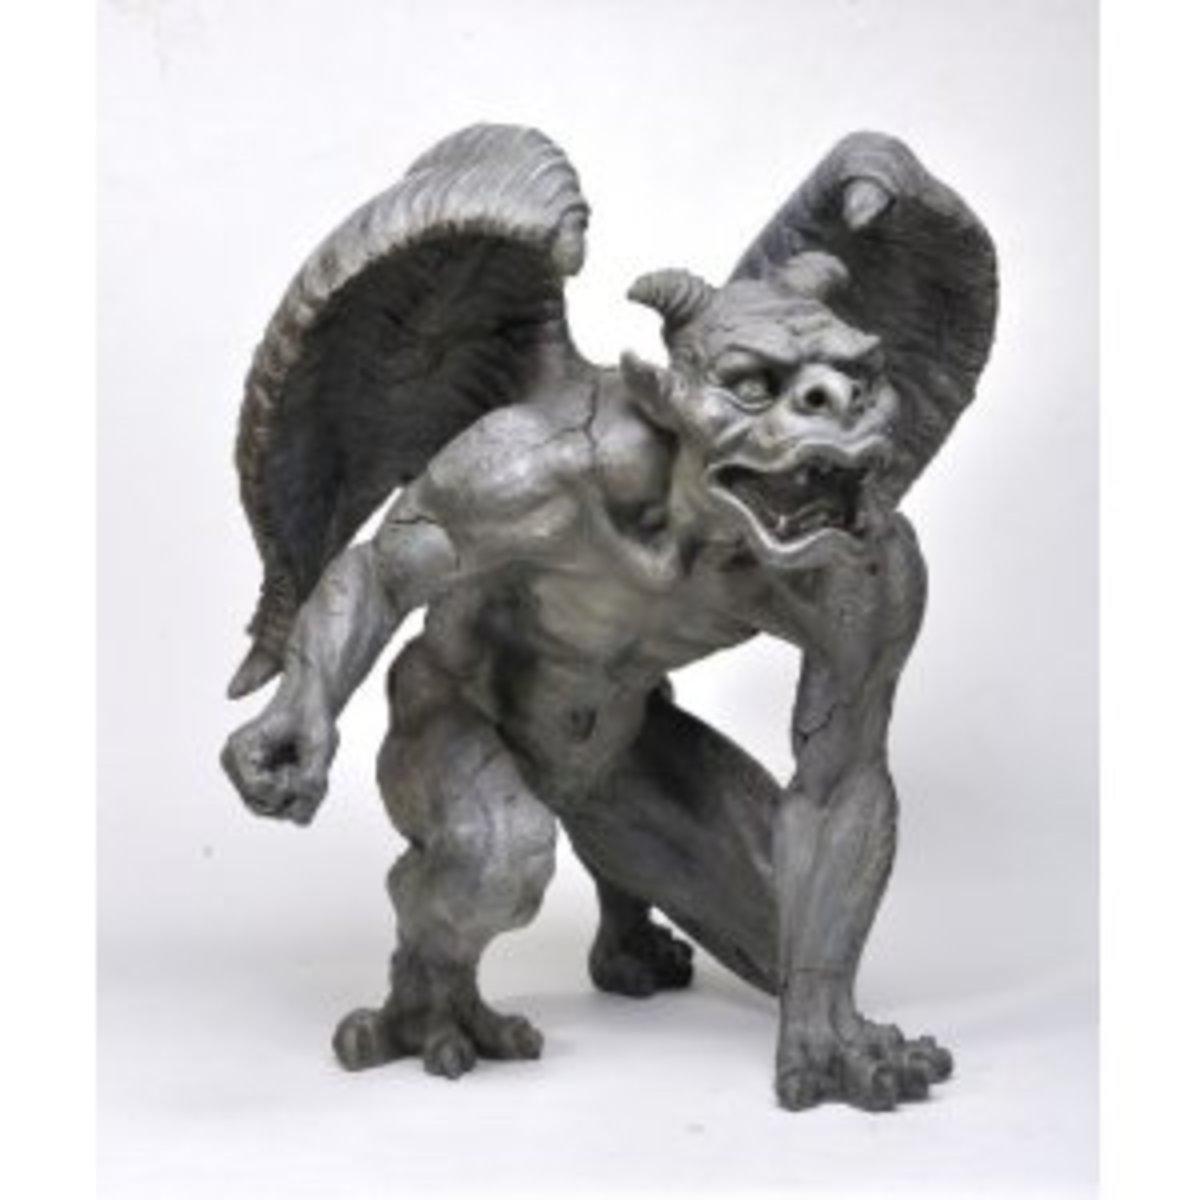 Evil Winged Devil Gargoyle